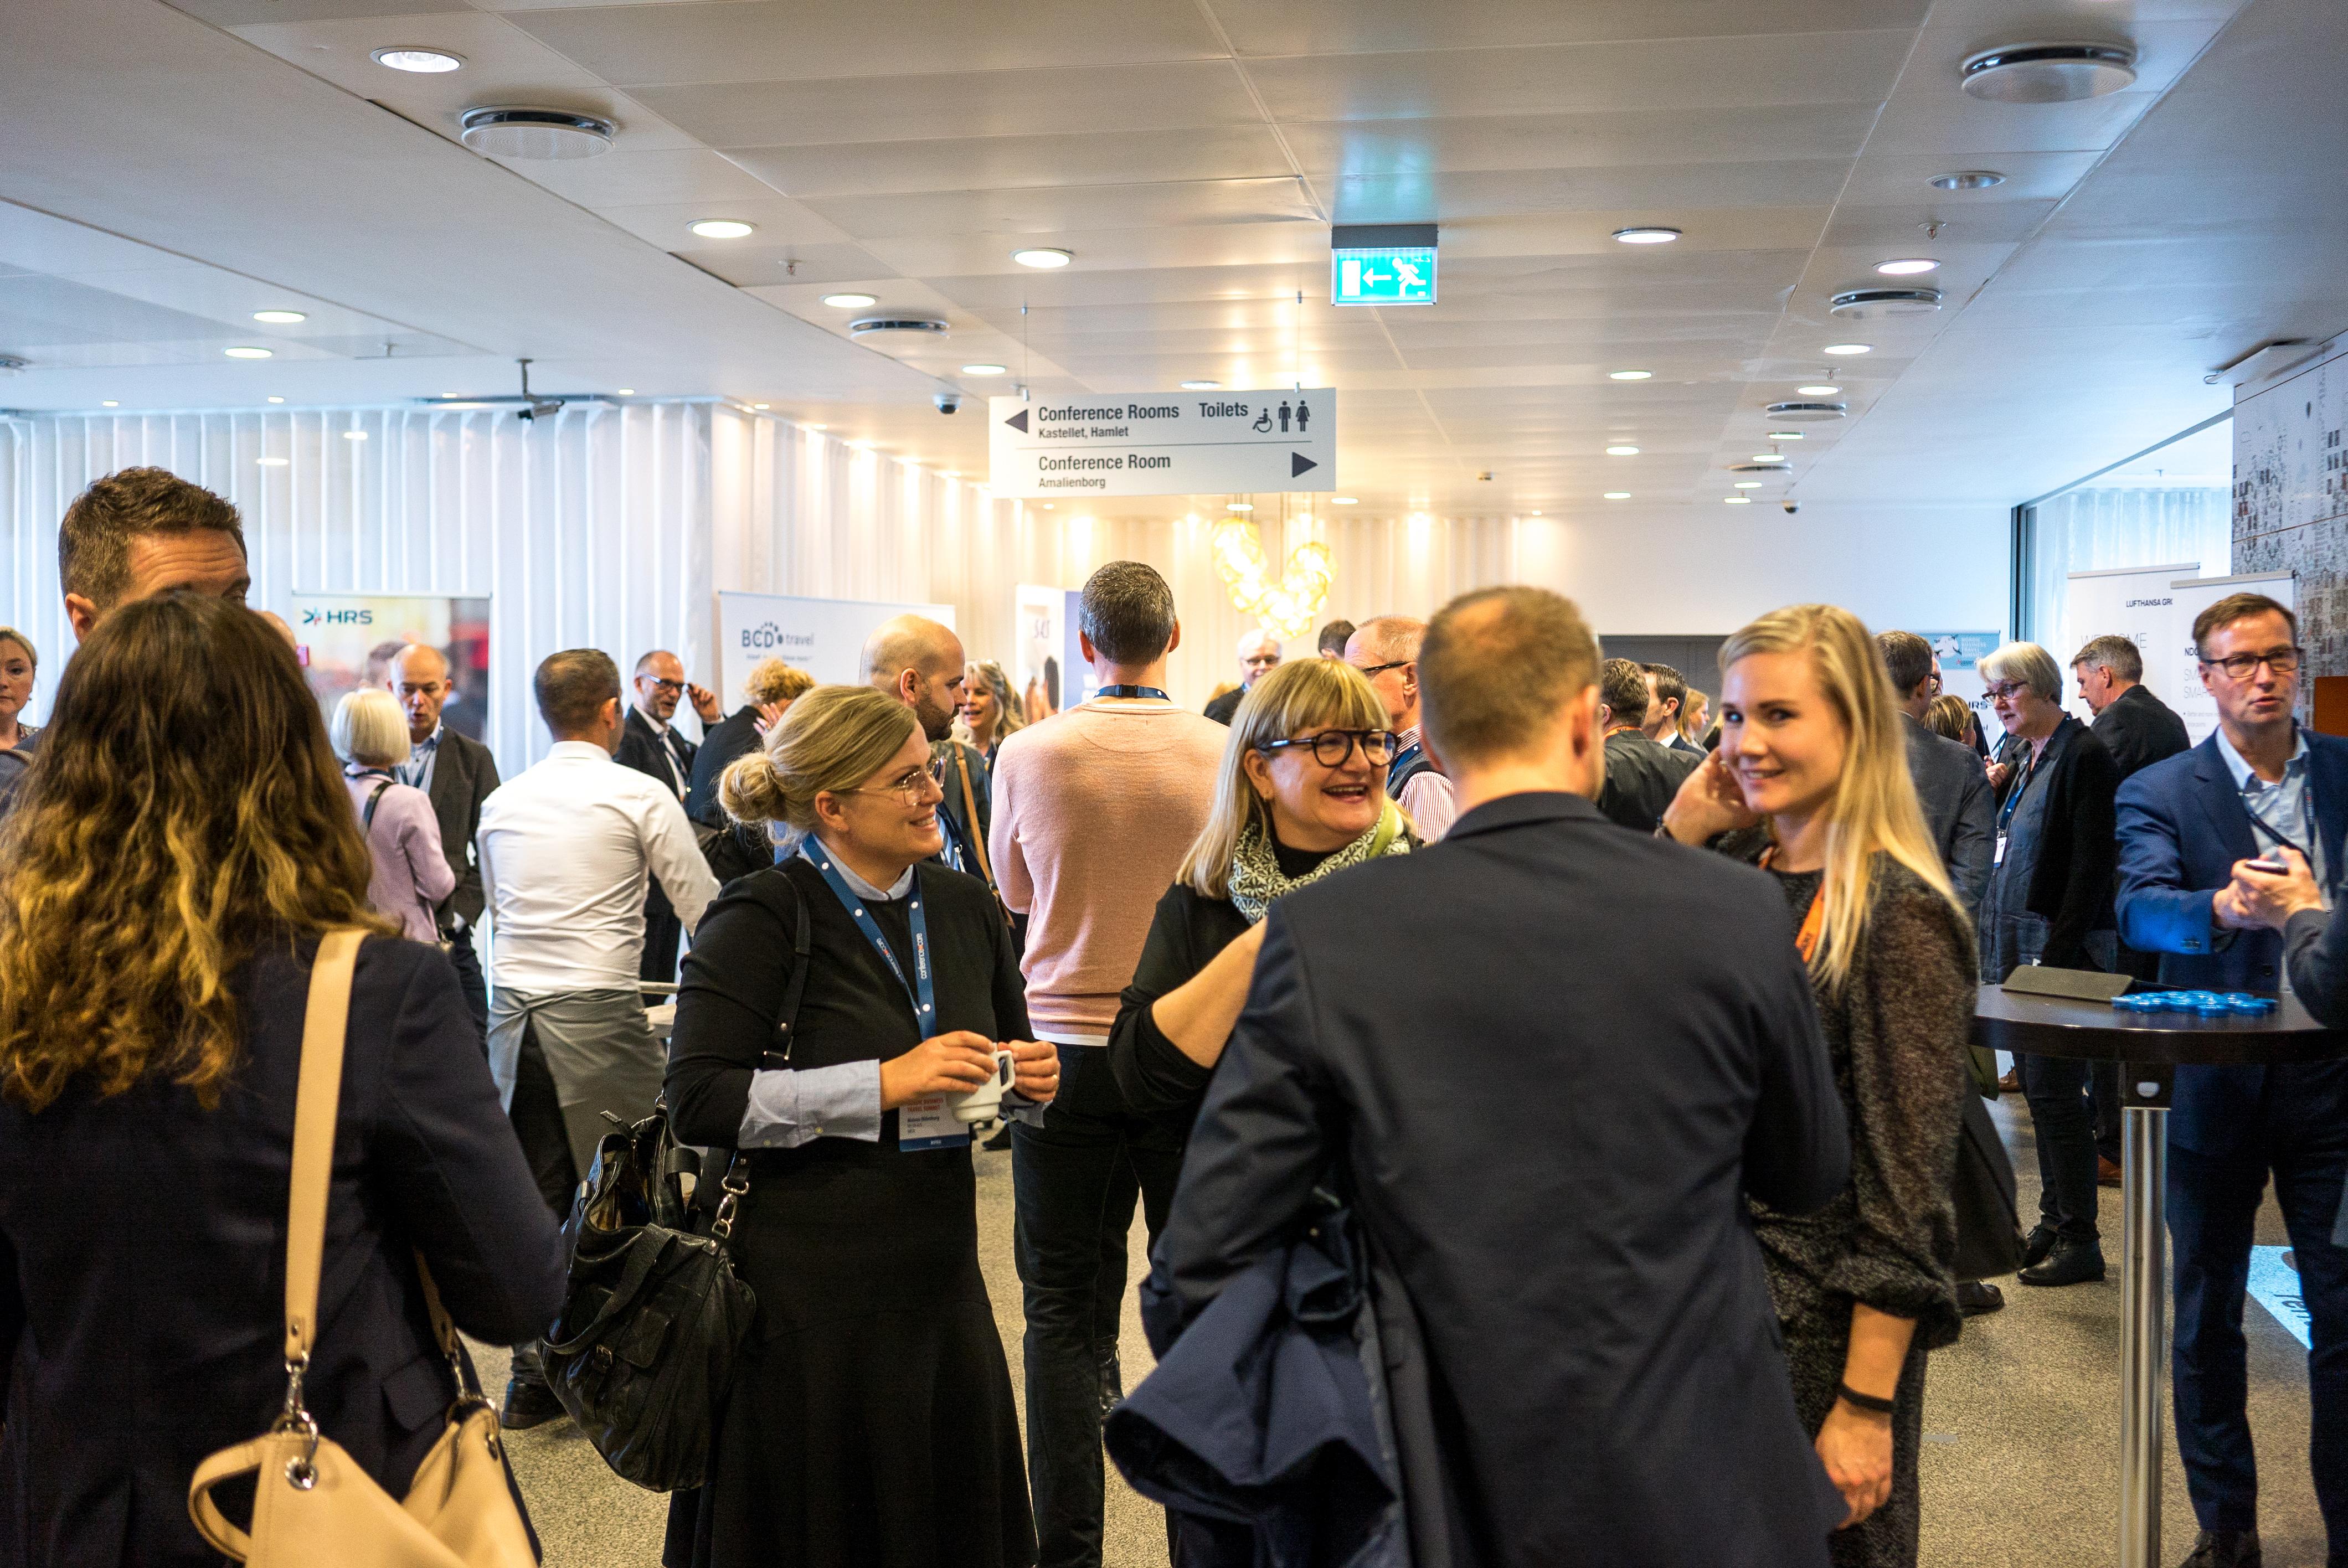 DBTA og COTRA fusionerer og skaber dermed danske største netværksforening for travel managers og deres leverandører. Her foto fra sidste måned, hvor DBTA i København var vært det årlige Nordic Business Travel Summit med deltagelse af de nordiske travel manager-foreninger og deres leverandører. Foto: Danish Business Travel Association.